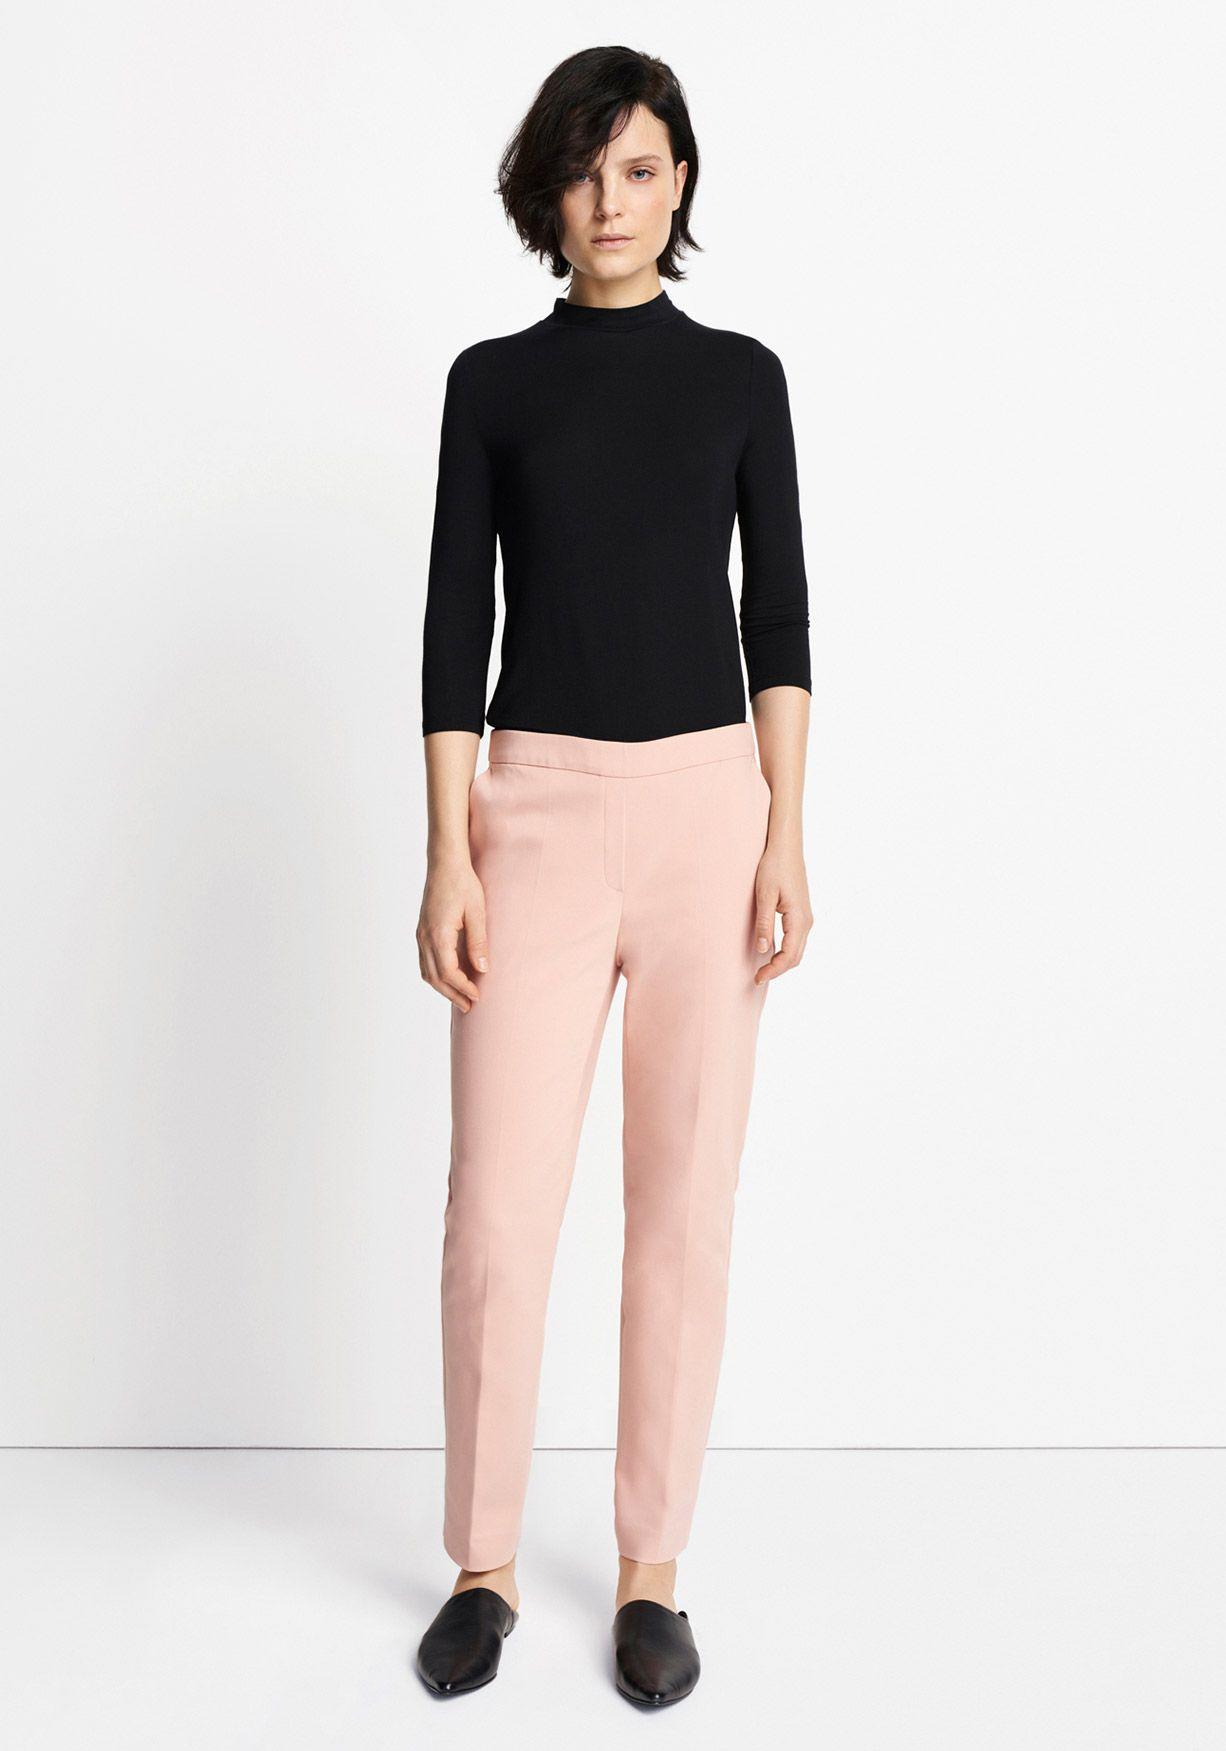 cd8ba932bebc7 Look aus Shirt und Stoffhose im someday Online Shop bestellen. Kauf auf  Rechnung und versandkostenfrei ab 50€ bei someday Fashion.